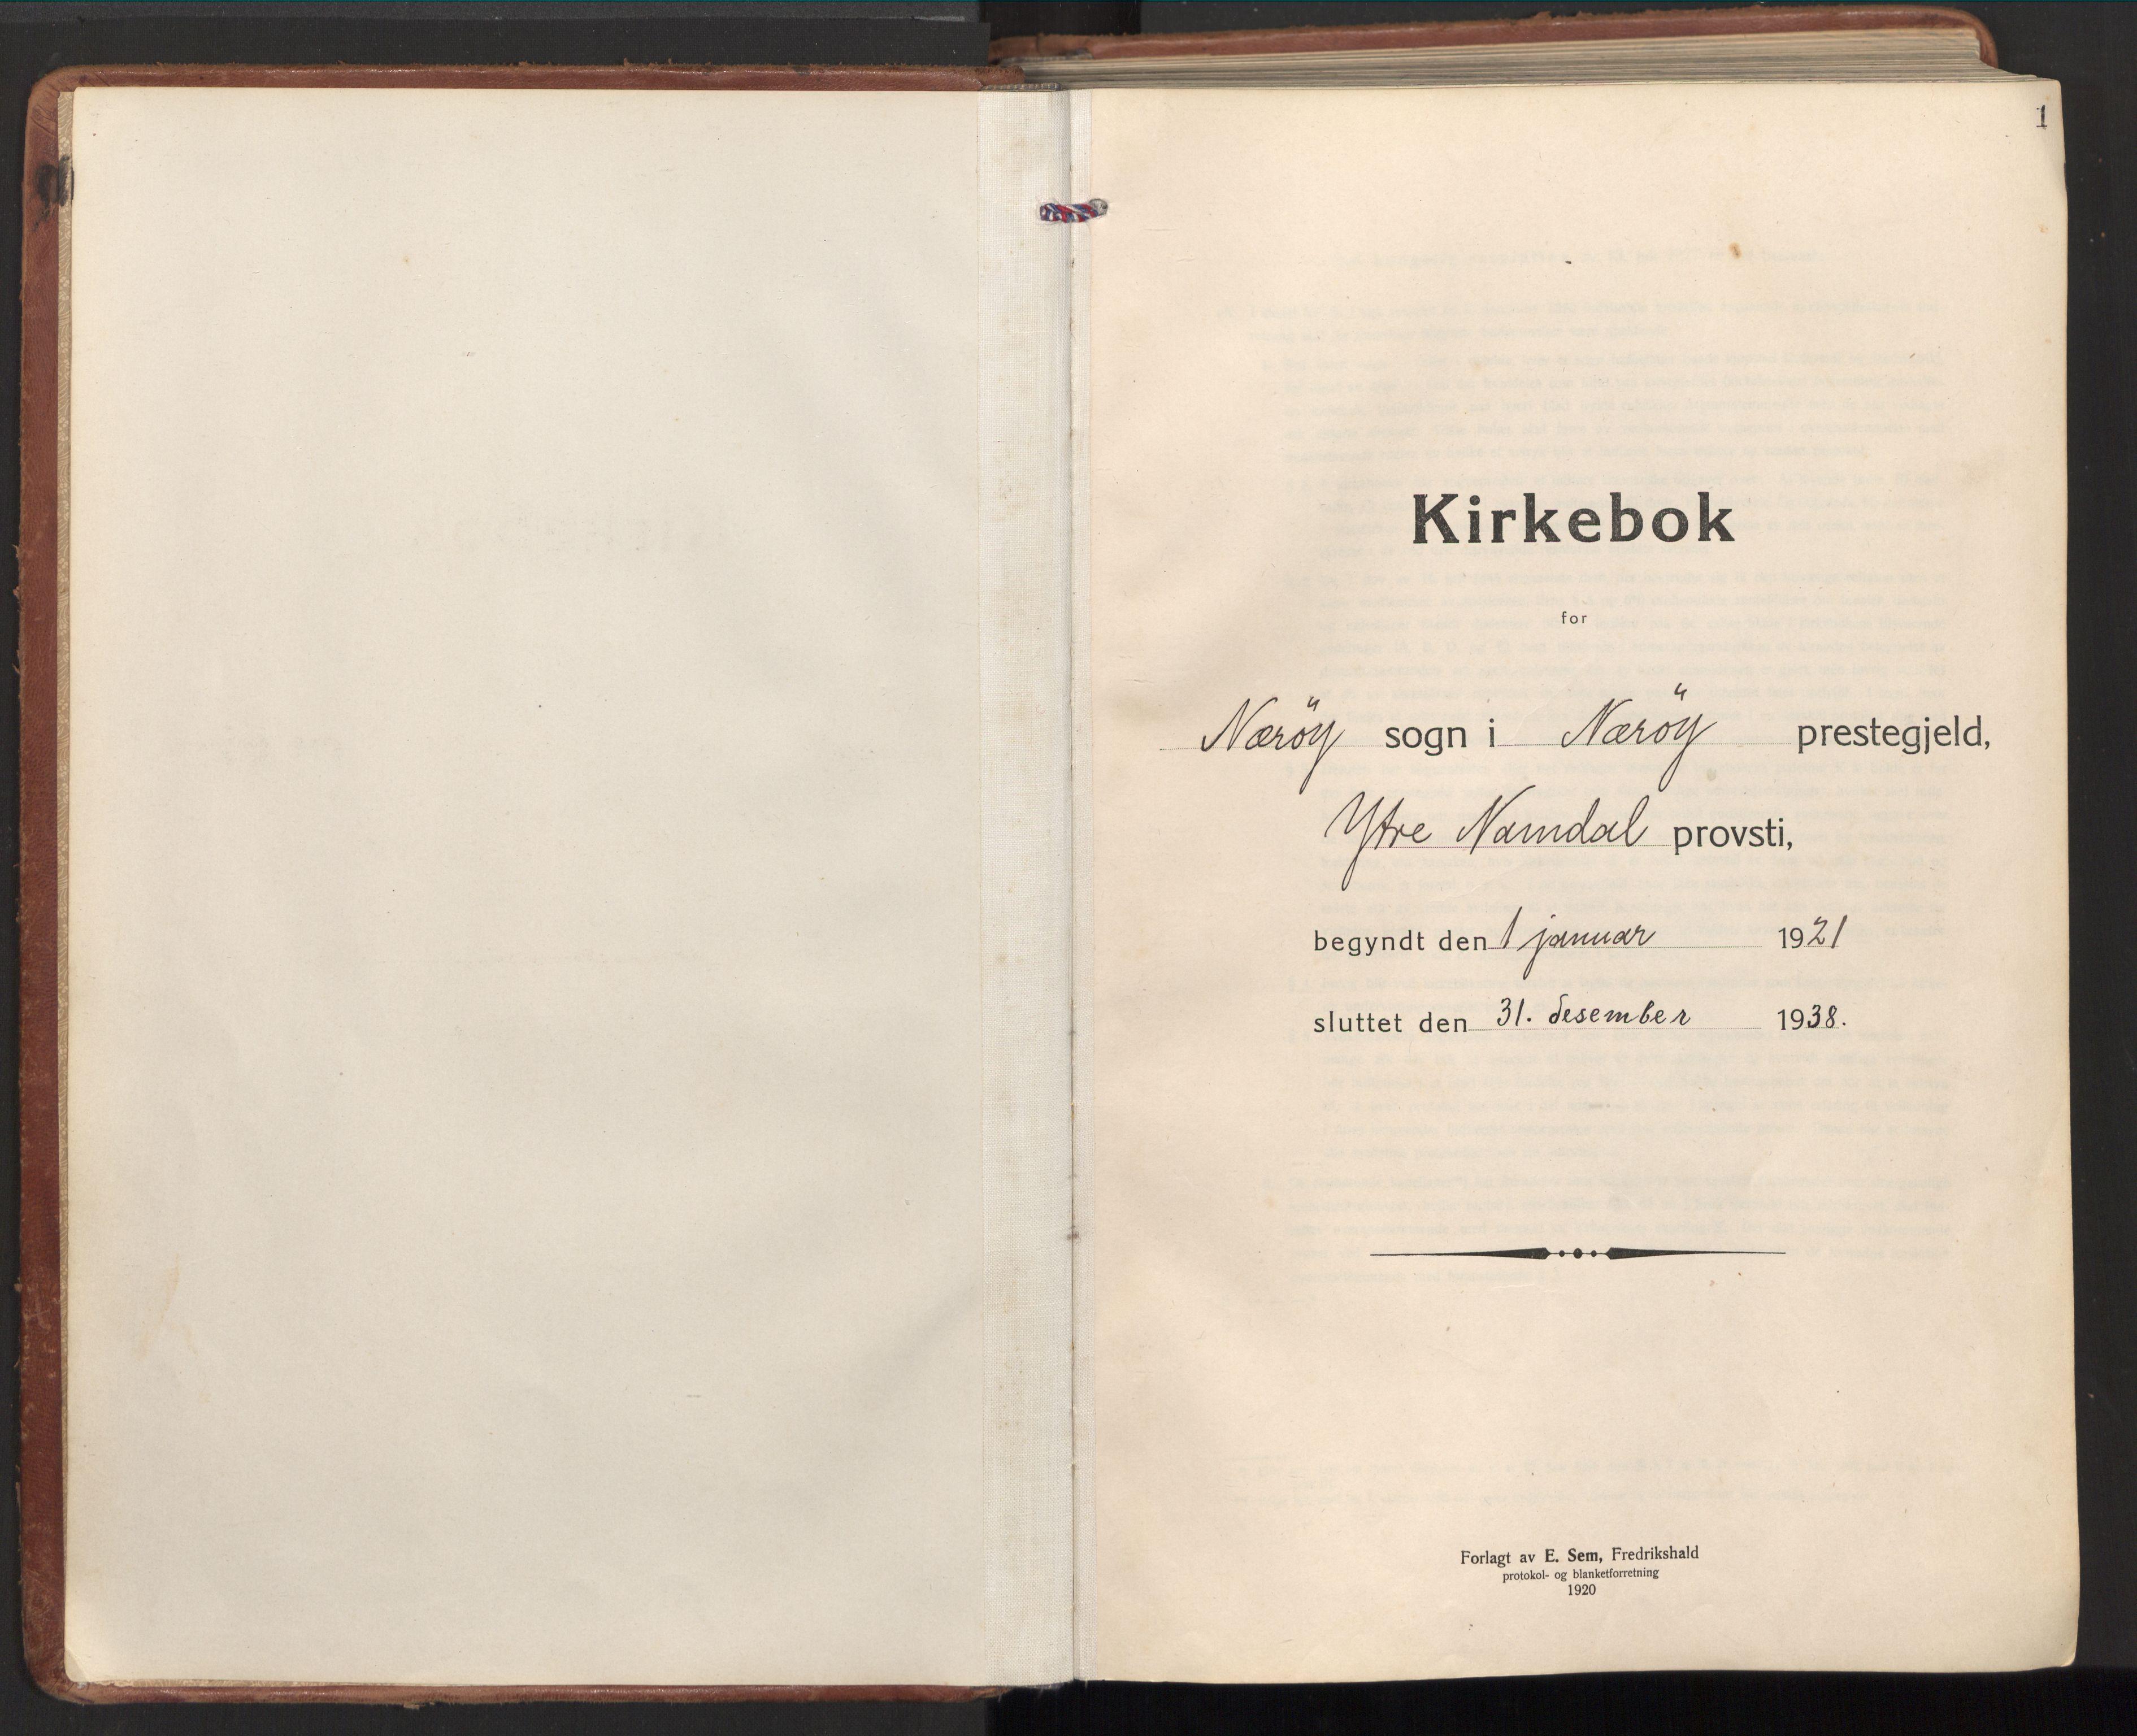 SAT, Ministerialprotokoller, klokkerbøker og fødselsregistre - Nord-Trøndelag, 784/L0678: Ministerialbok nr. 784A13, 1921-1938, s. 1